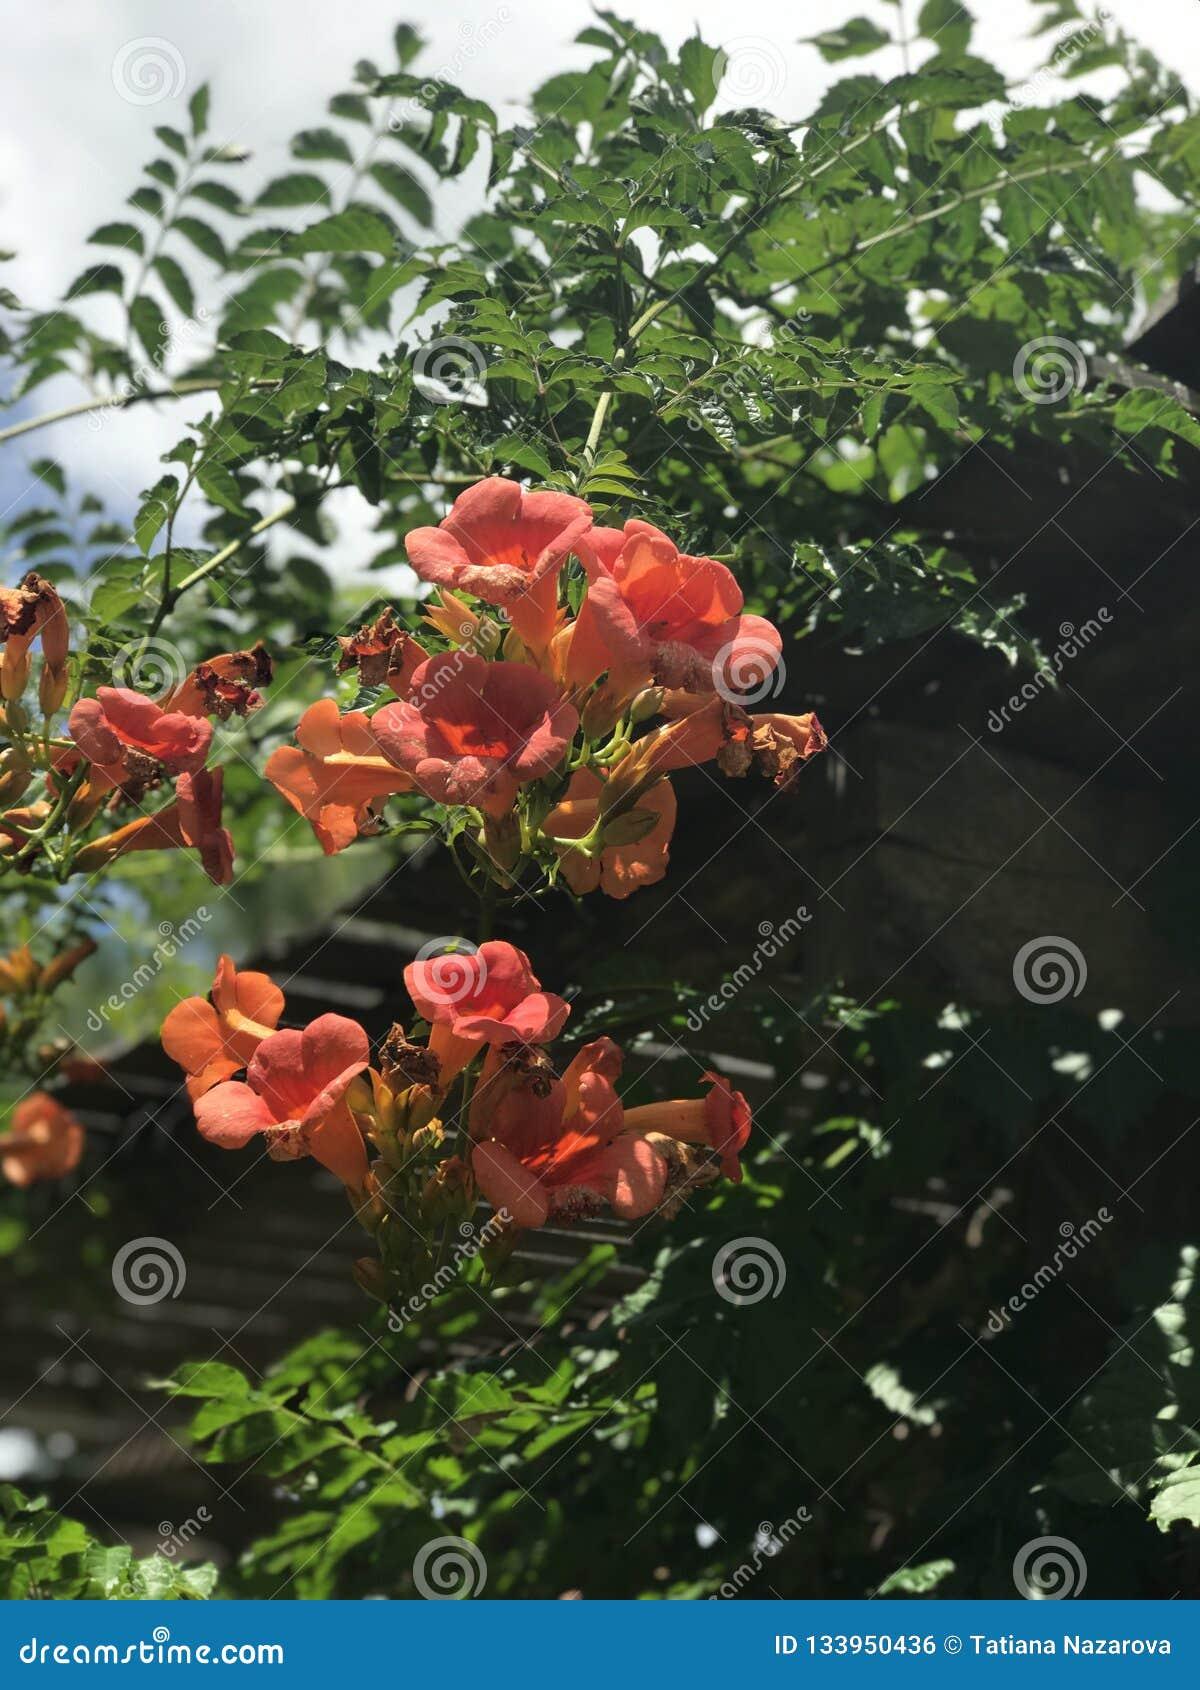 Campsis grandiflora, Chiński tubowy winograd